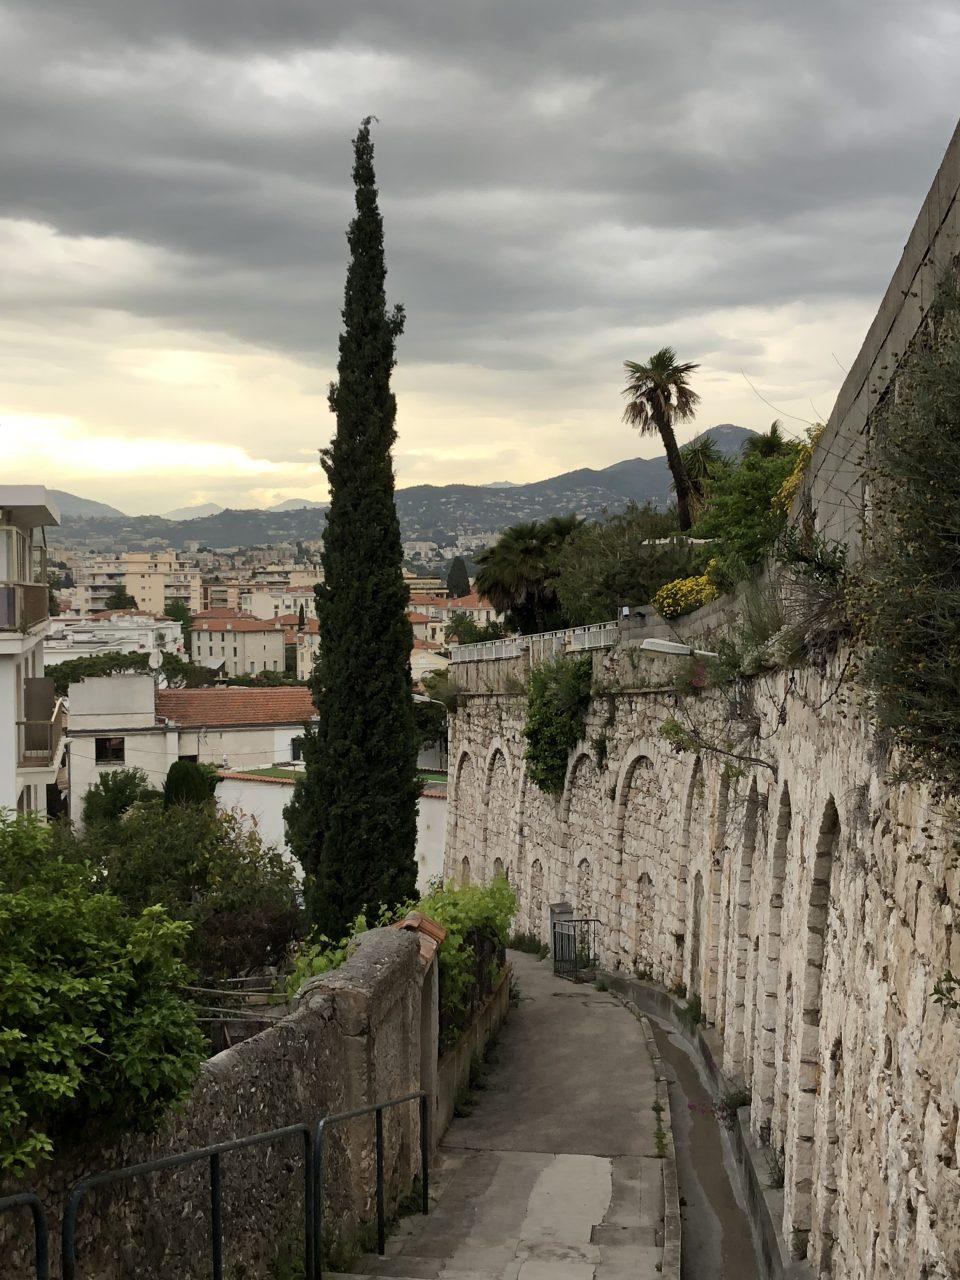 Gasse in NIzza Traumstadt an der Côte d'Azur